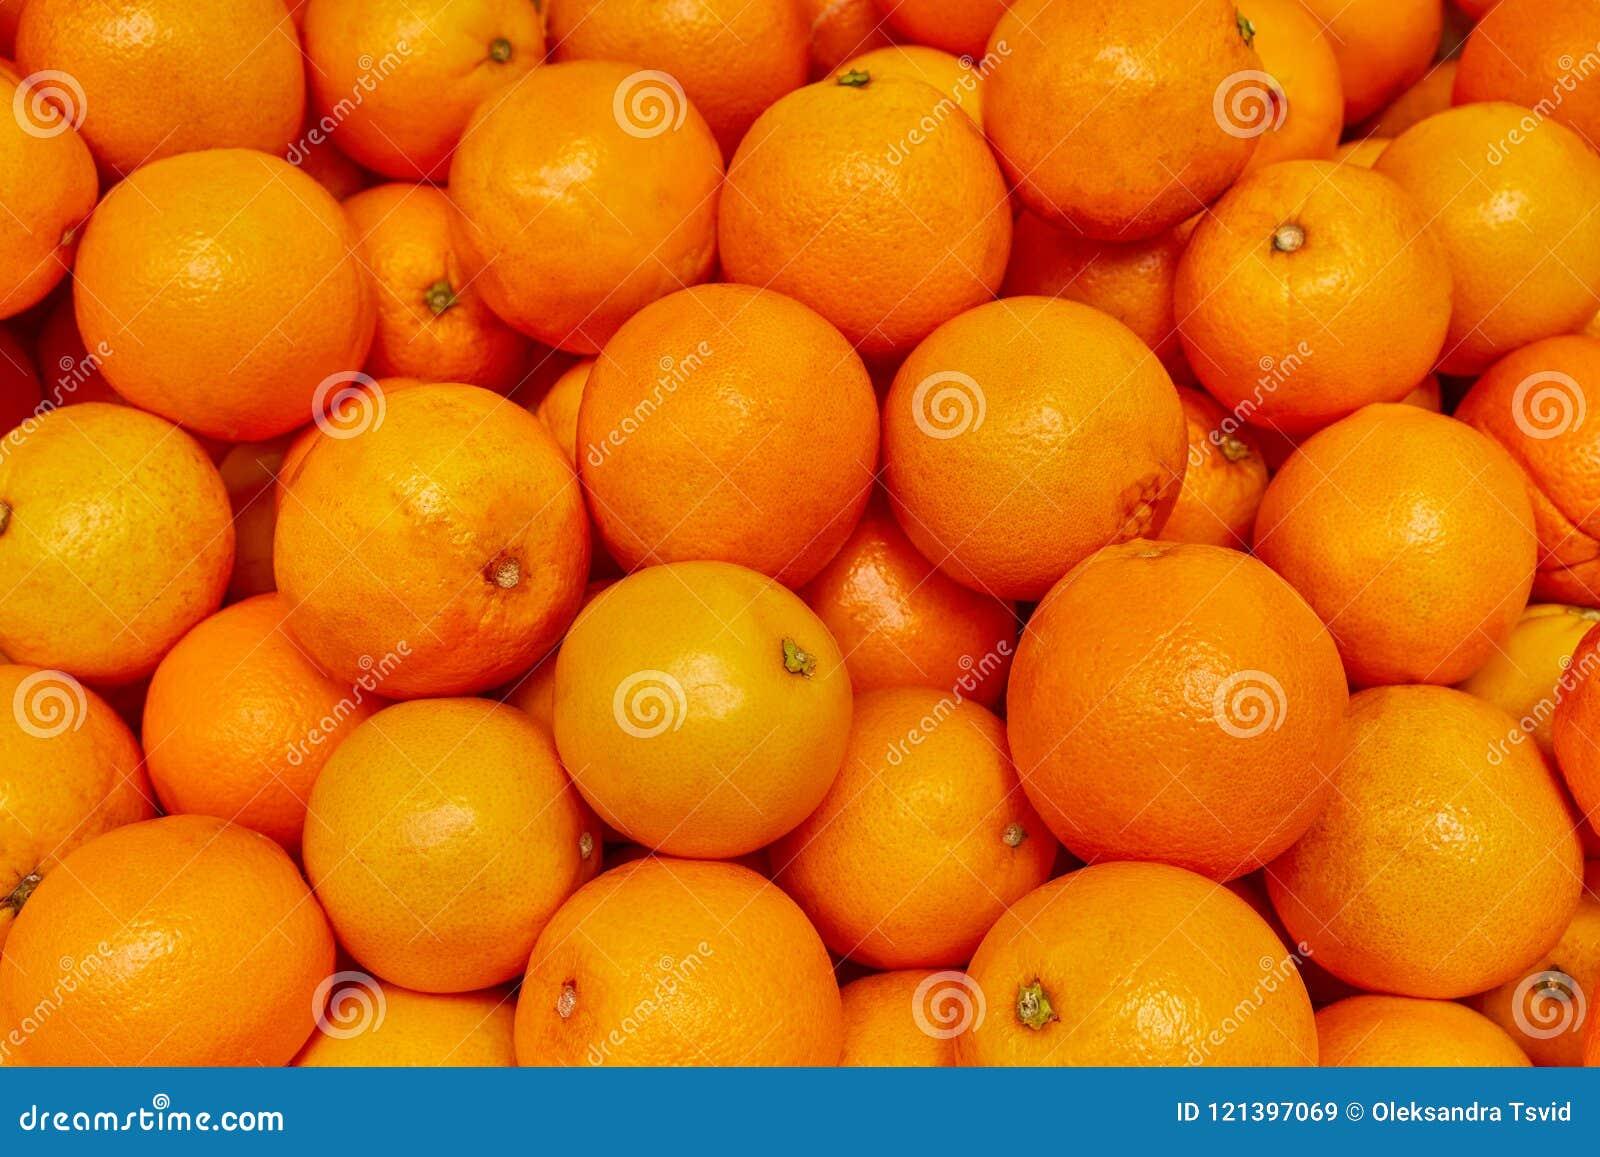 Orange background, Orange produce at market